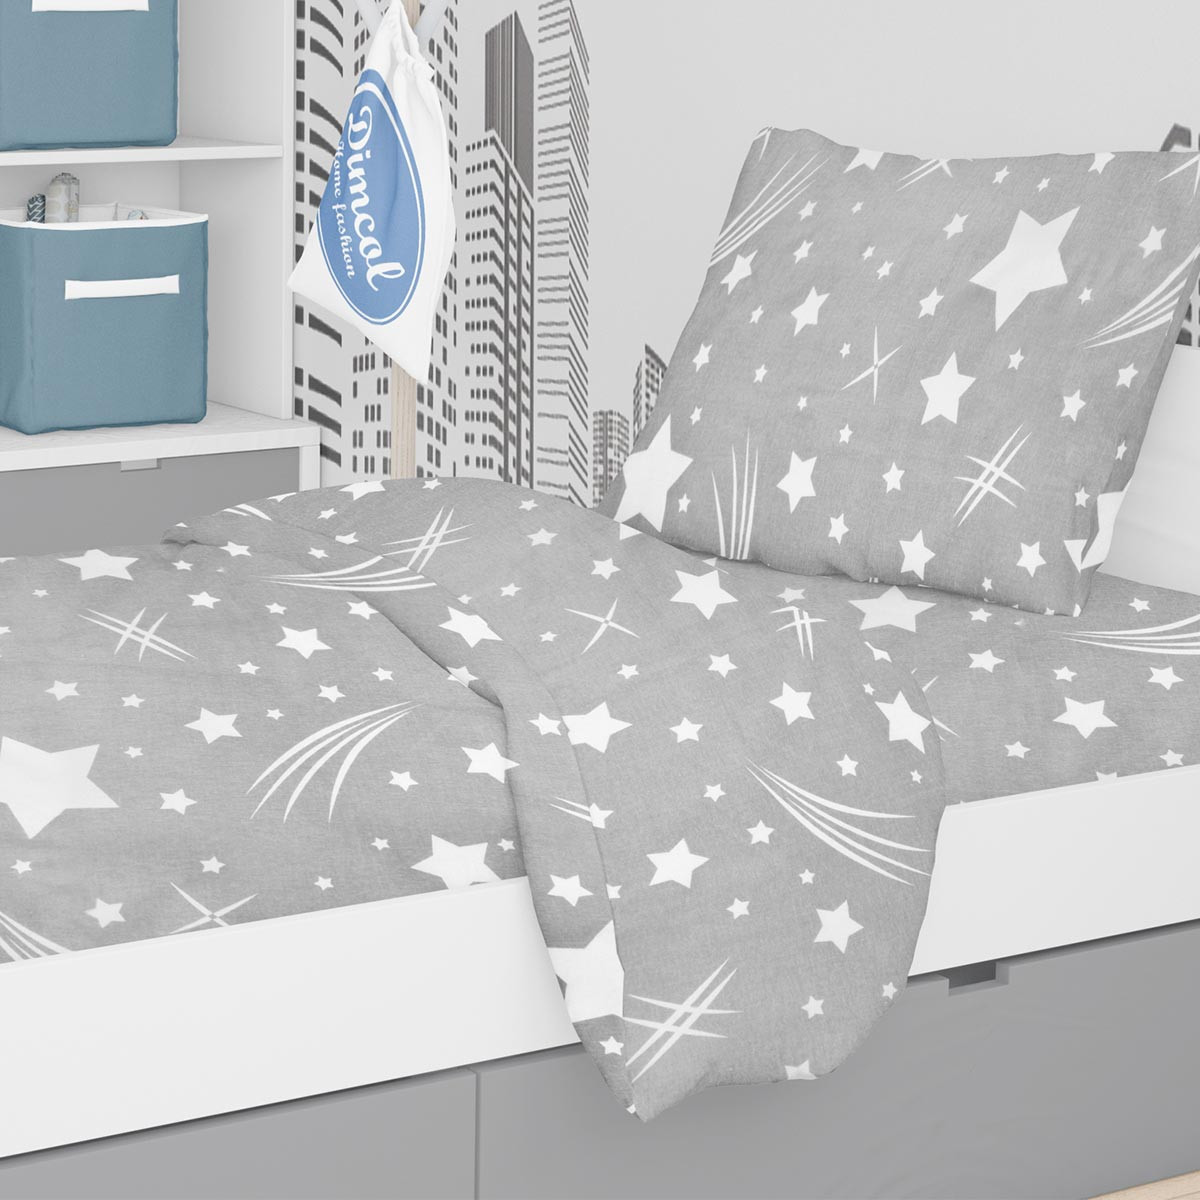 Φανελένια Μαξιλαροθήκη Dimcol Star 38 Grey